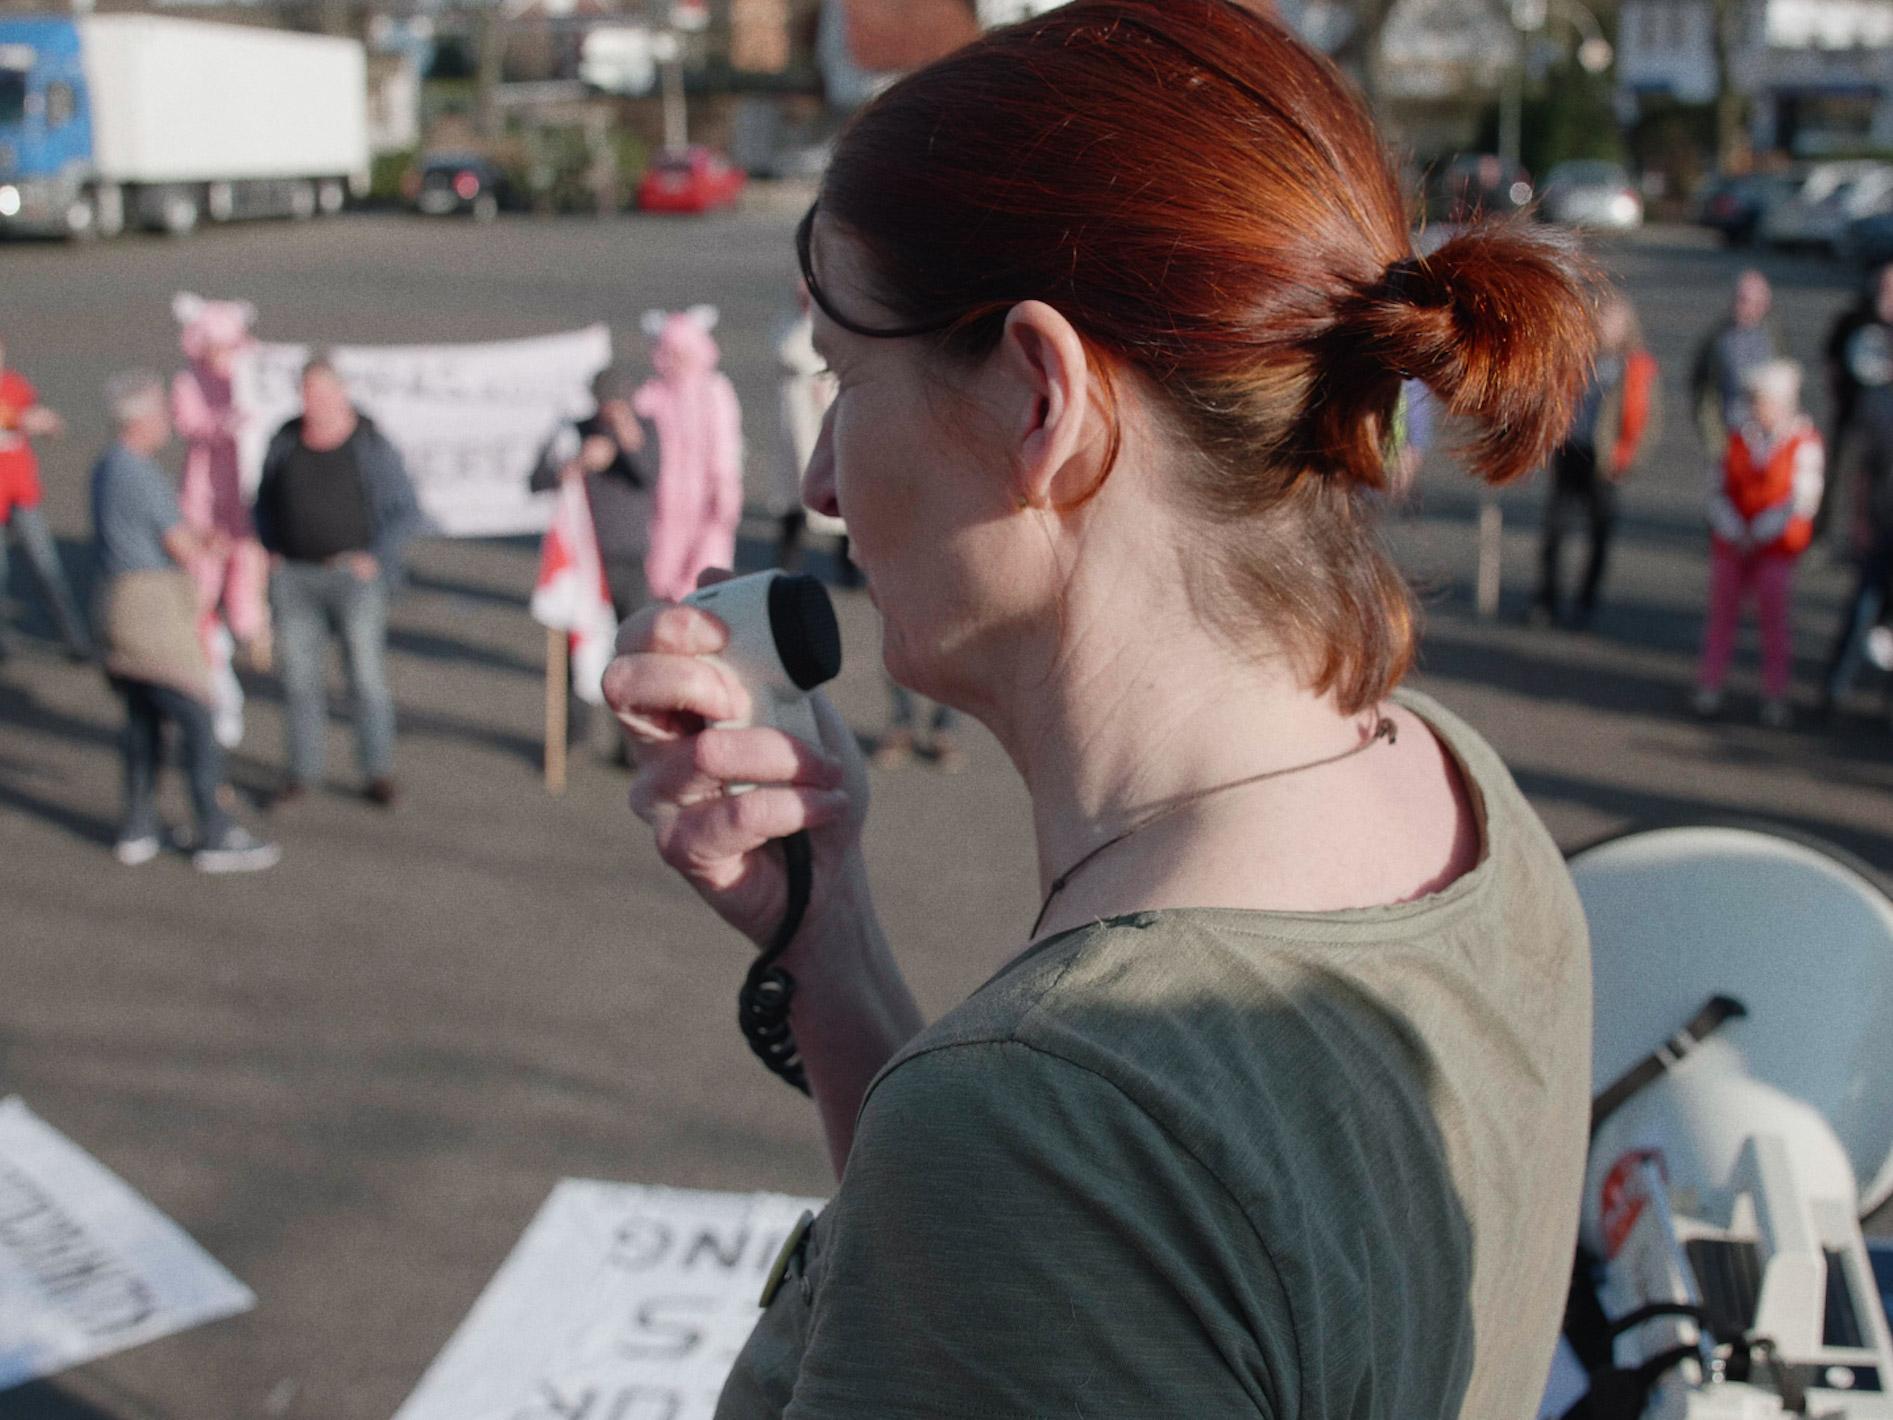 Regeln am Band, mit hoher Geschwindigkeit - Aktivistin bei Demonstration